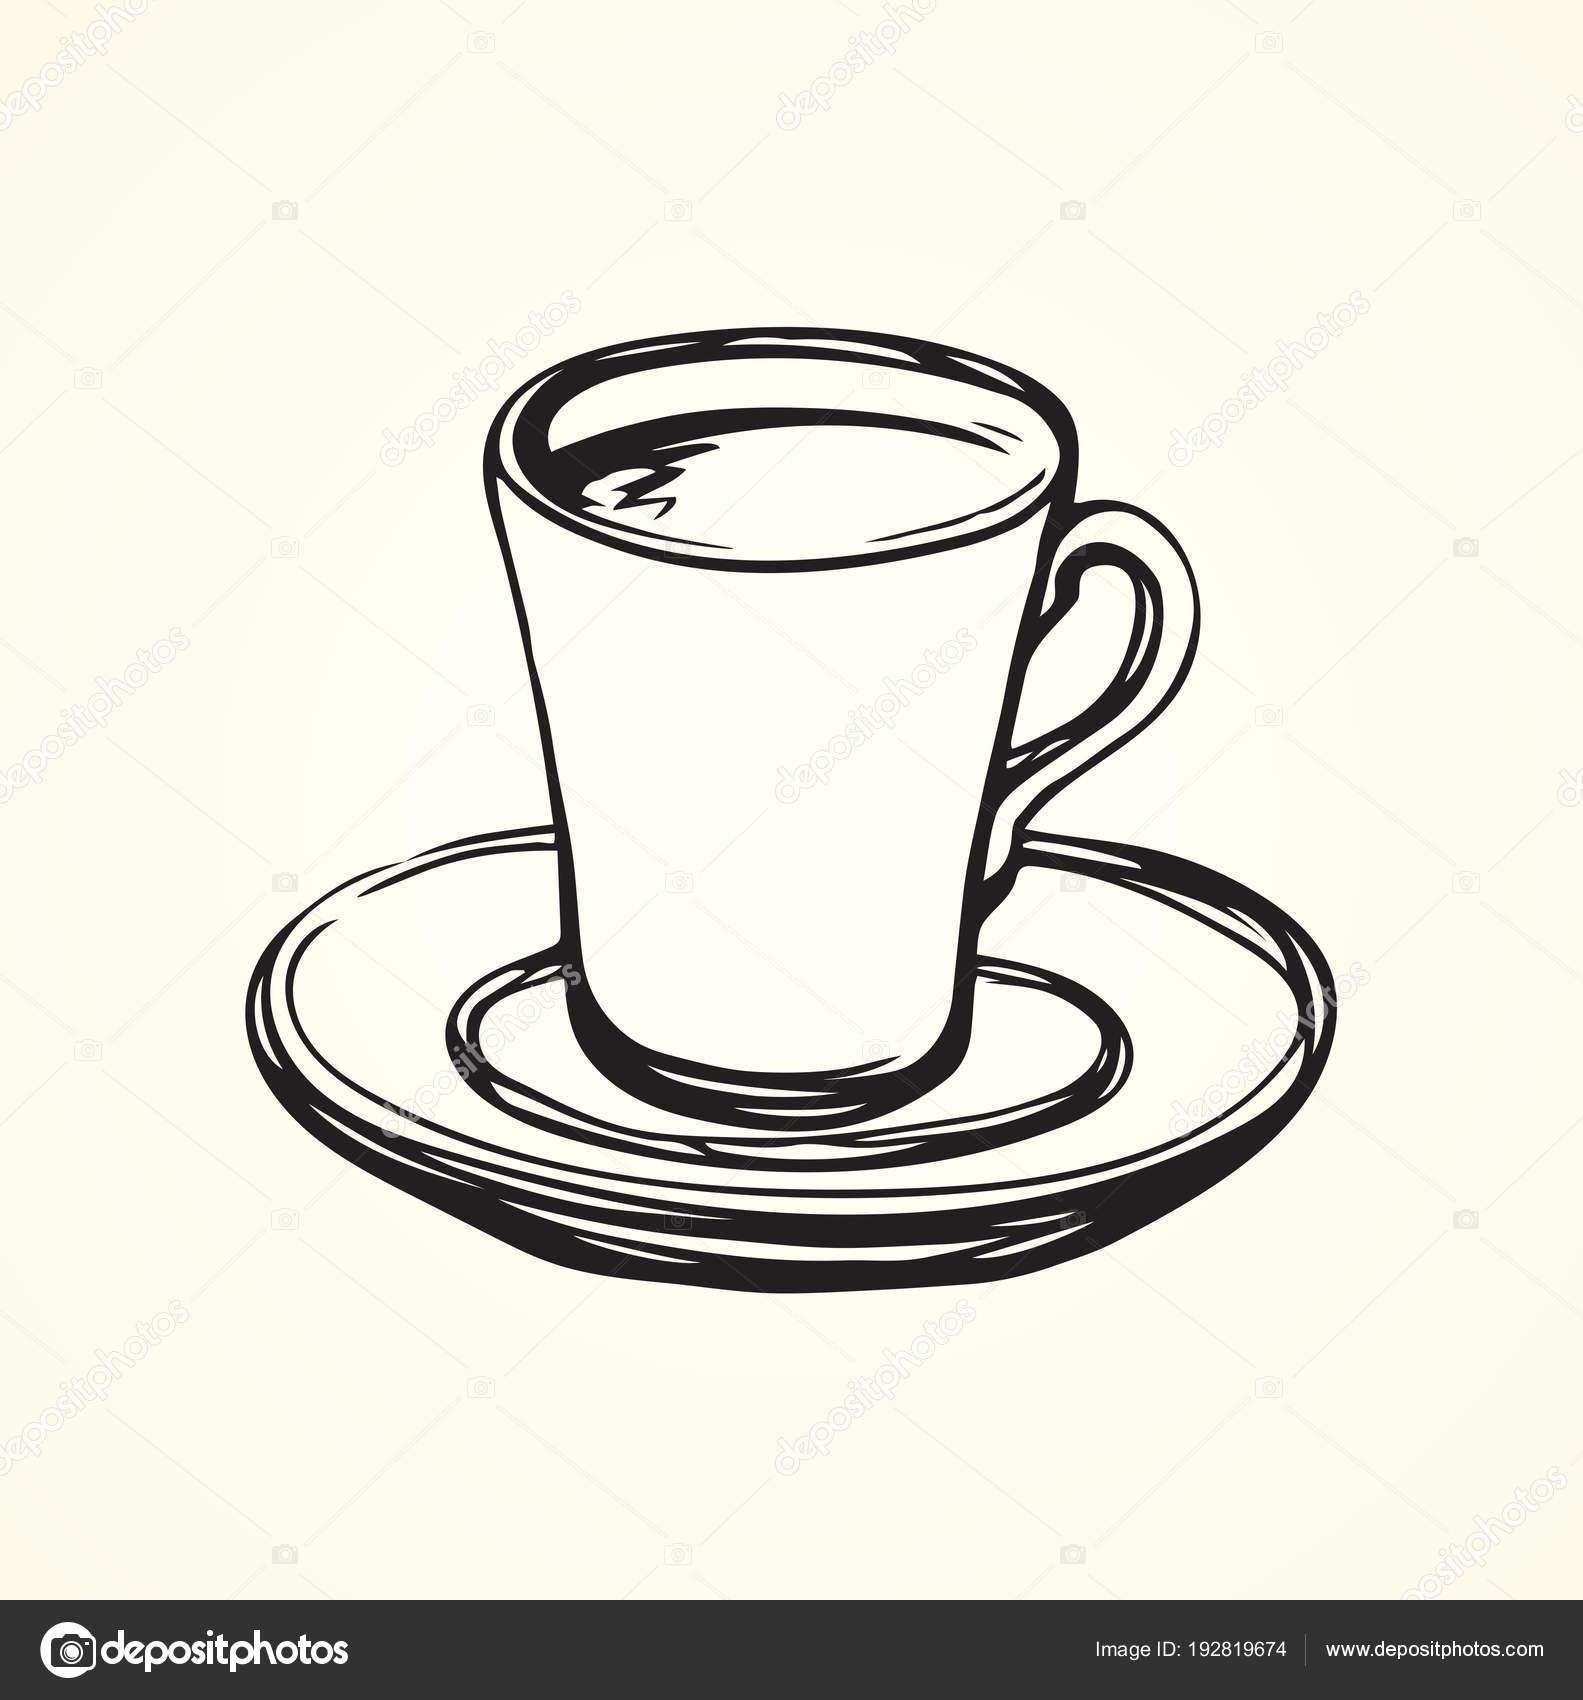 Tasse de caf dessin vectoriel image vectorielle marinka 192819674 - Tasse de cafe dessin ...